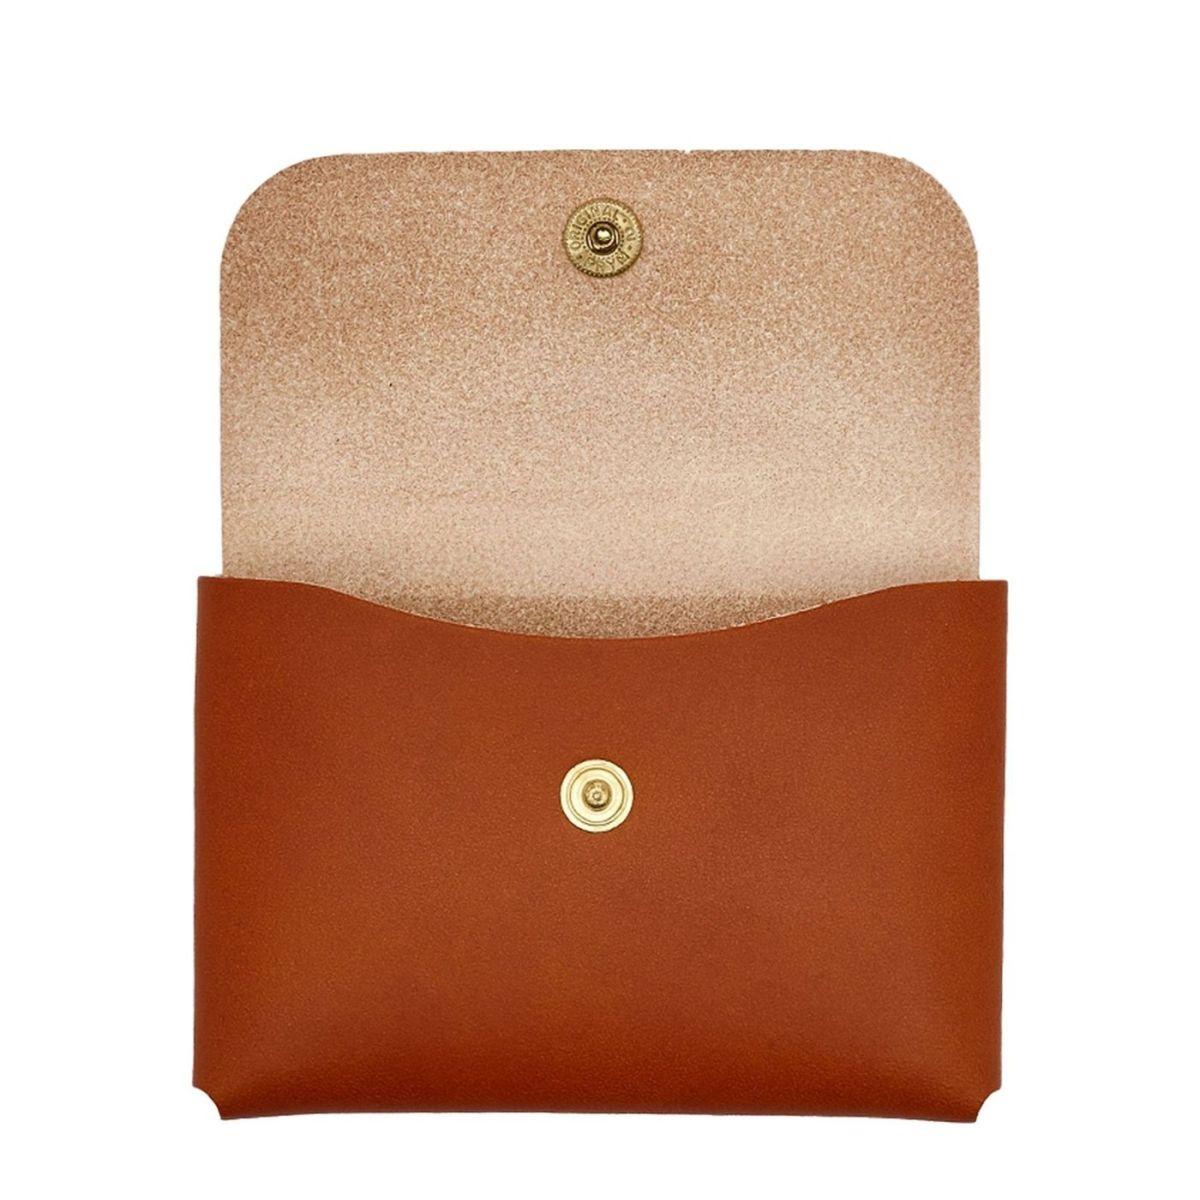 Porte-Cartes  en Cuir De Vachette Doublé SCC032 couleur Caramel | Details